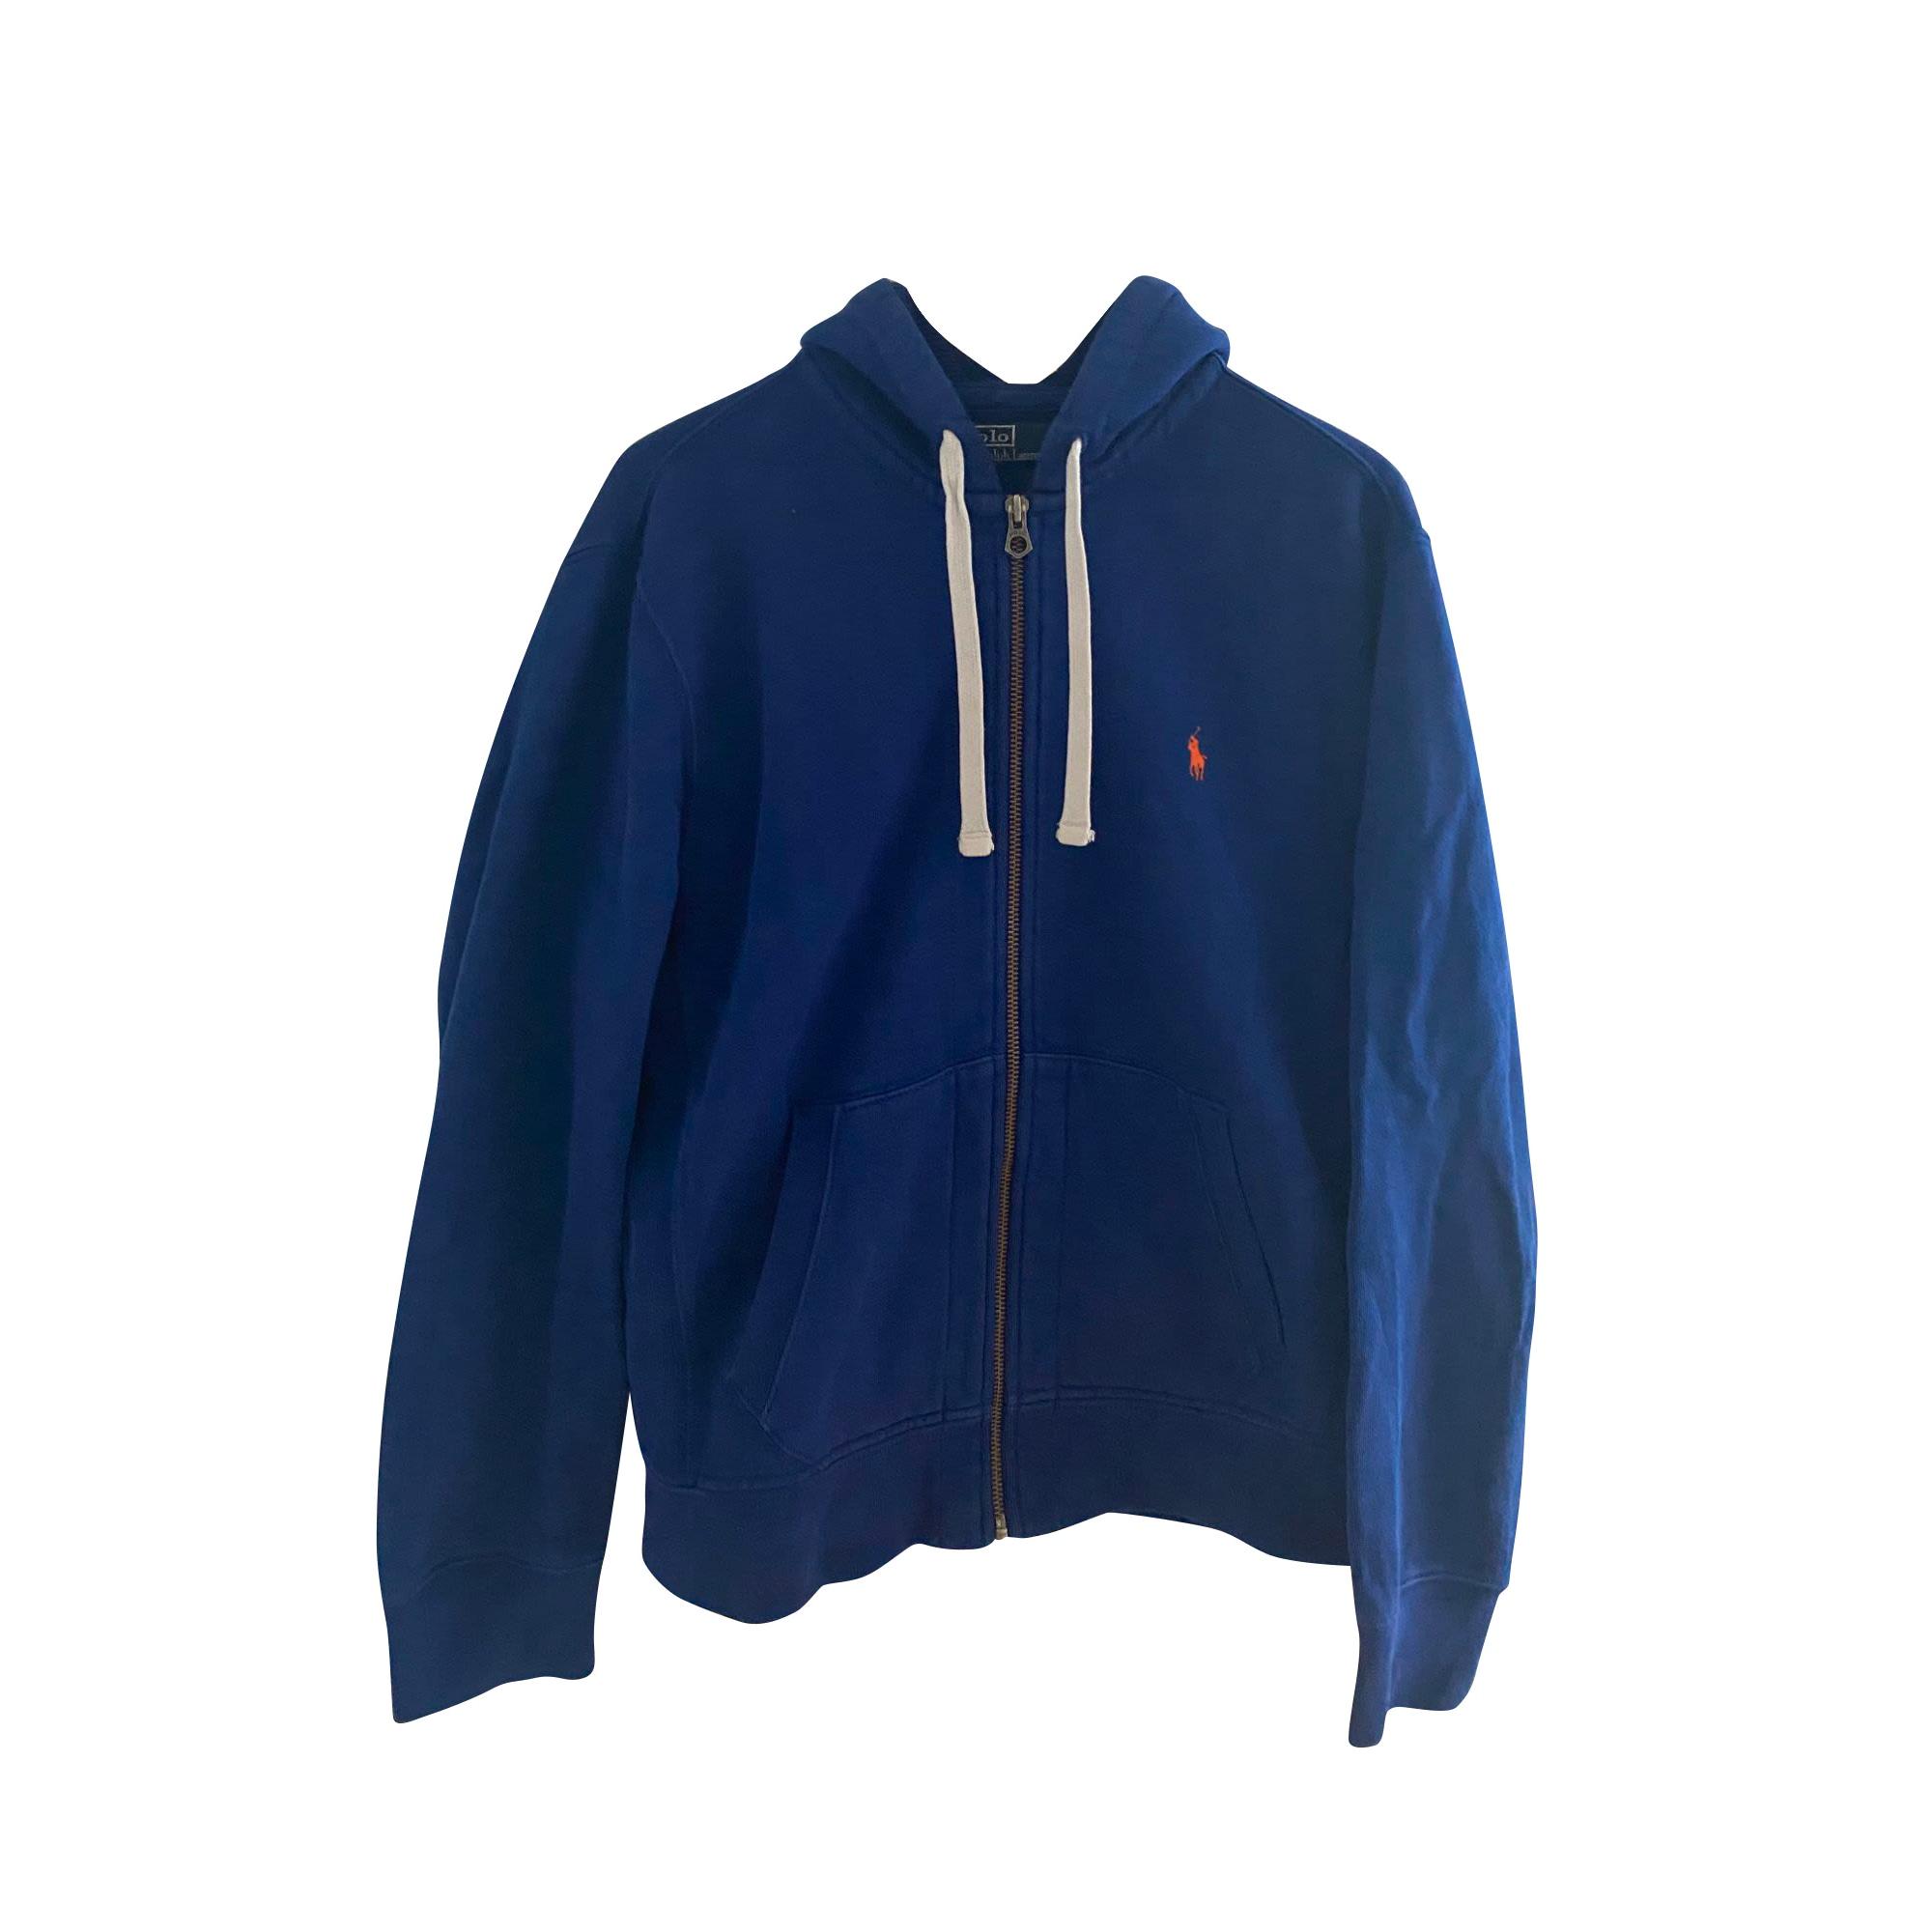 Gilet, cardigan RALPH LAUREN Bleu, bleu marine, bleu turquoise